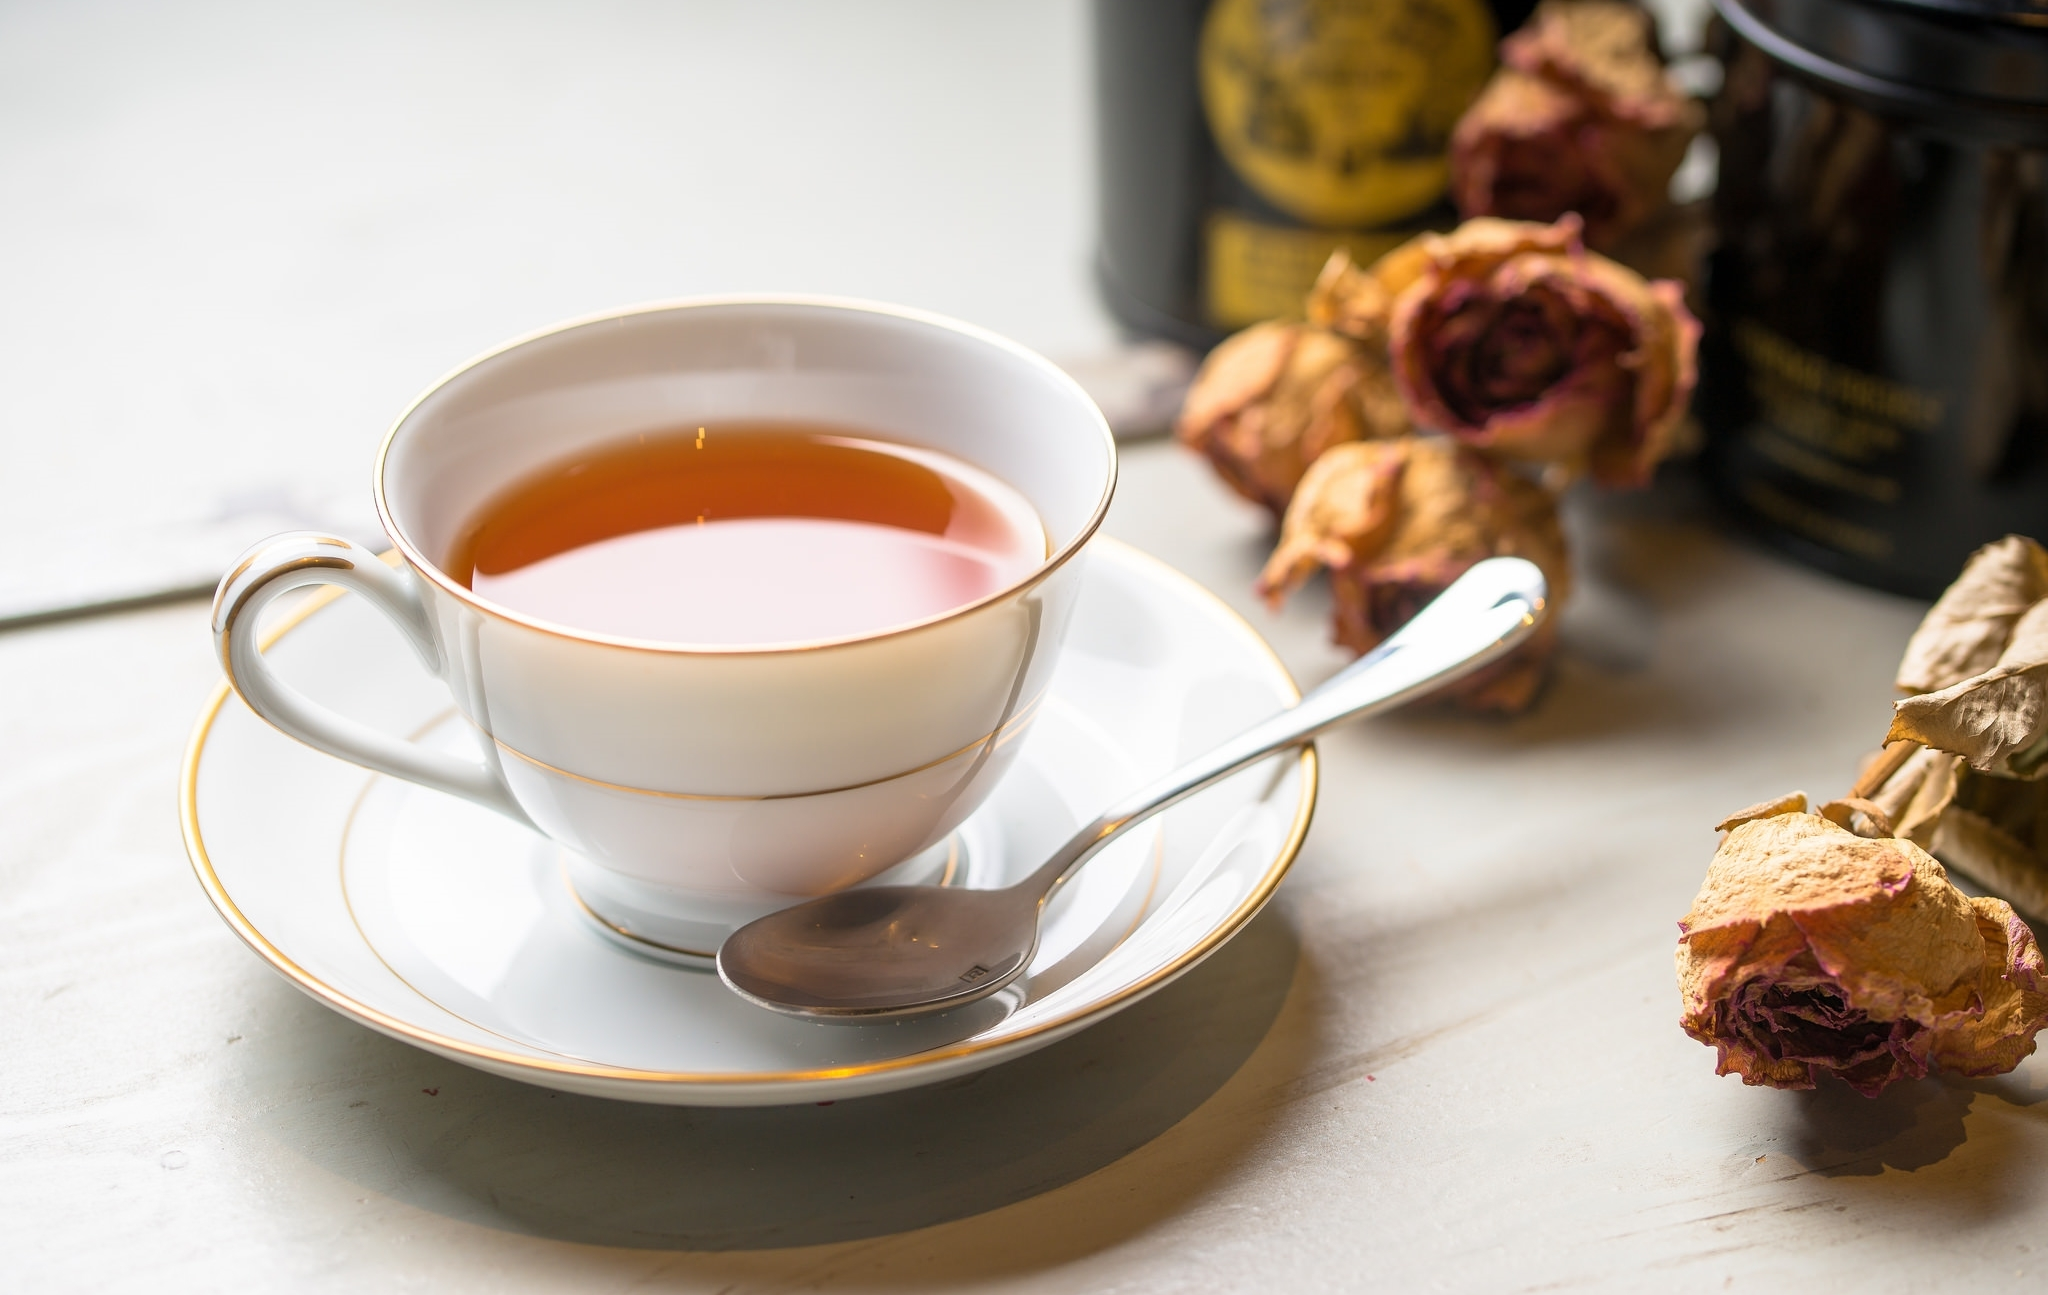 Фото чашки с чаем